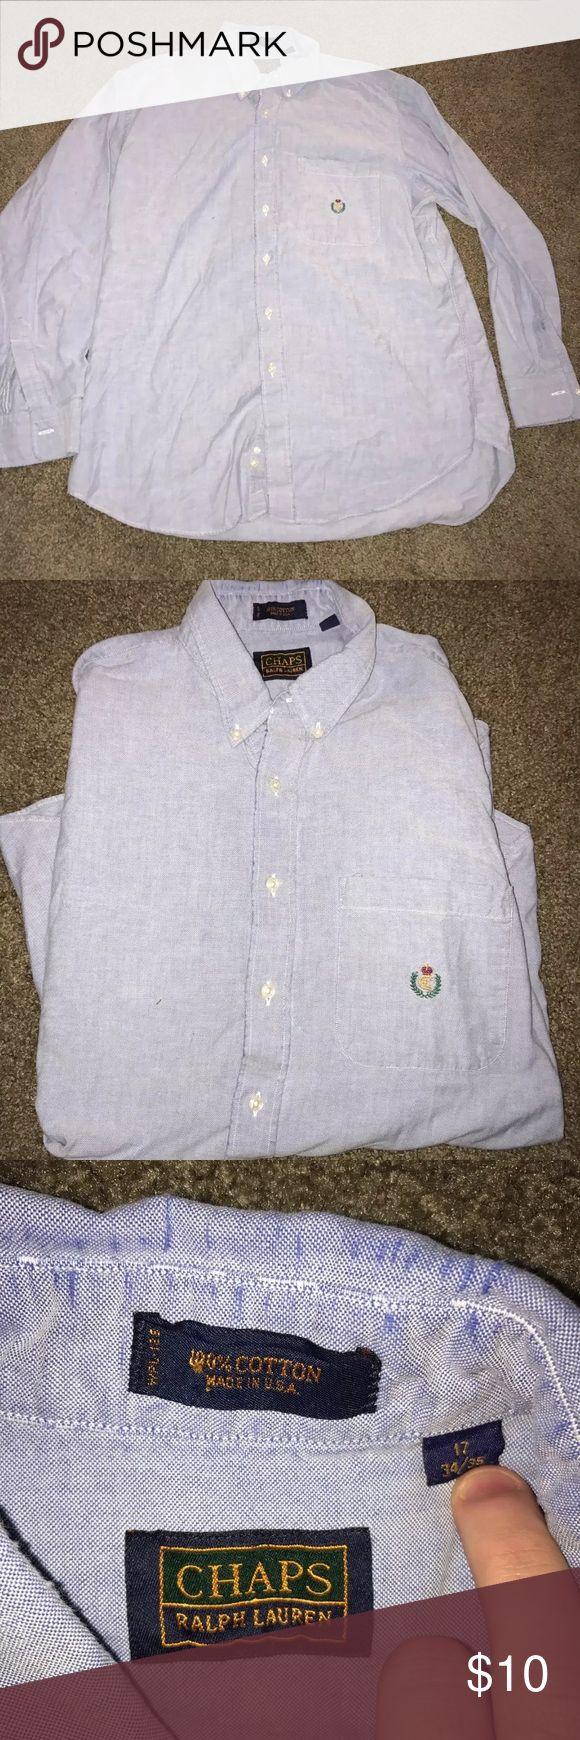 Chaps Ralph Lauren Men's Dress Shirt 17 34/35 Vintage dress shirt in excellent condition Ralph Lauren Shirts Dress Shirts